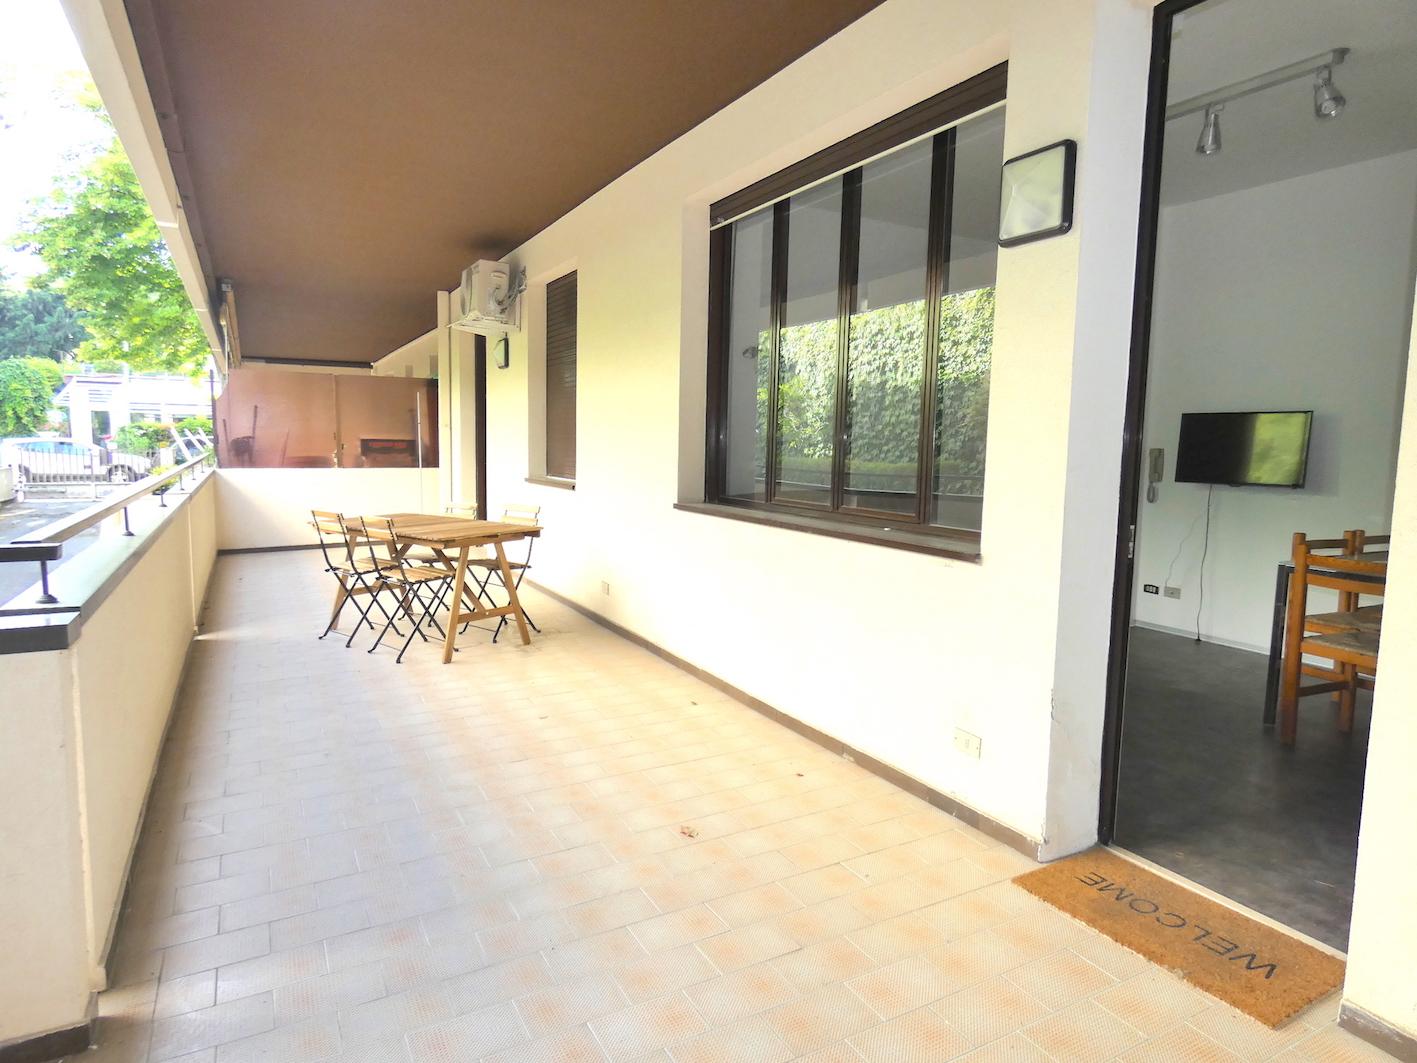 RICCIONE CENTRO, Trilocale con ampio terrazzo abitabile in affitto a giugno